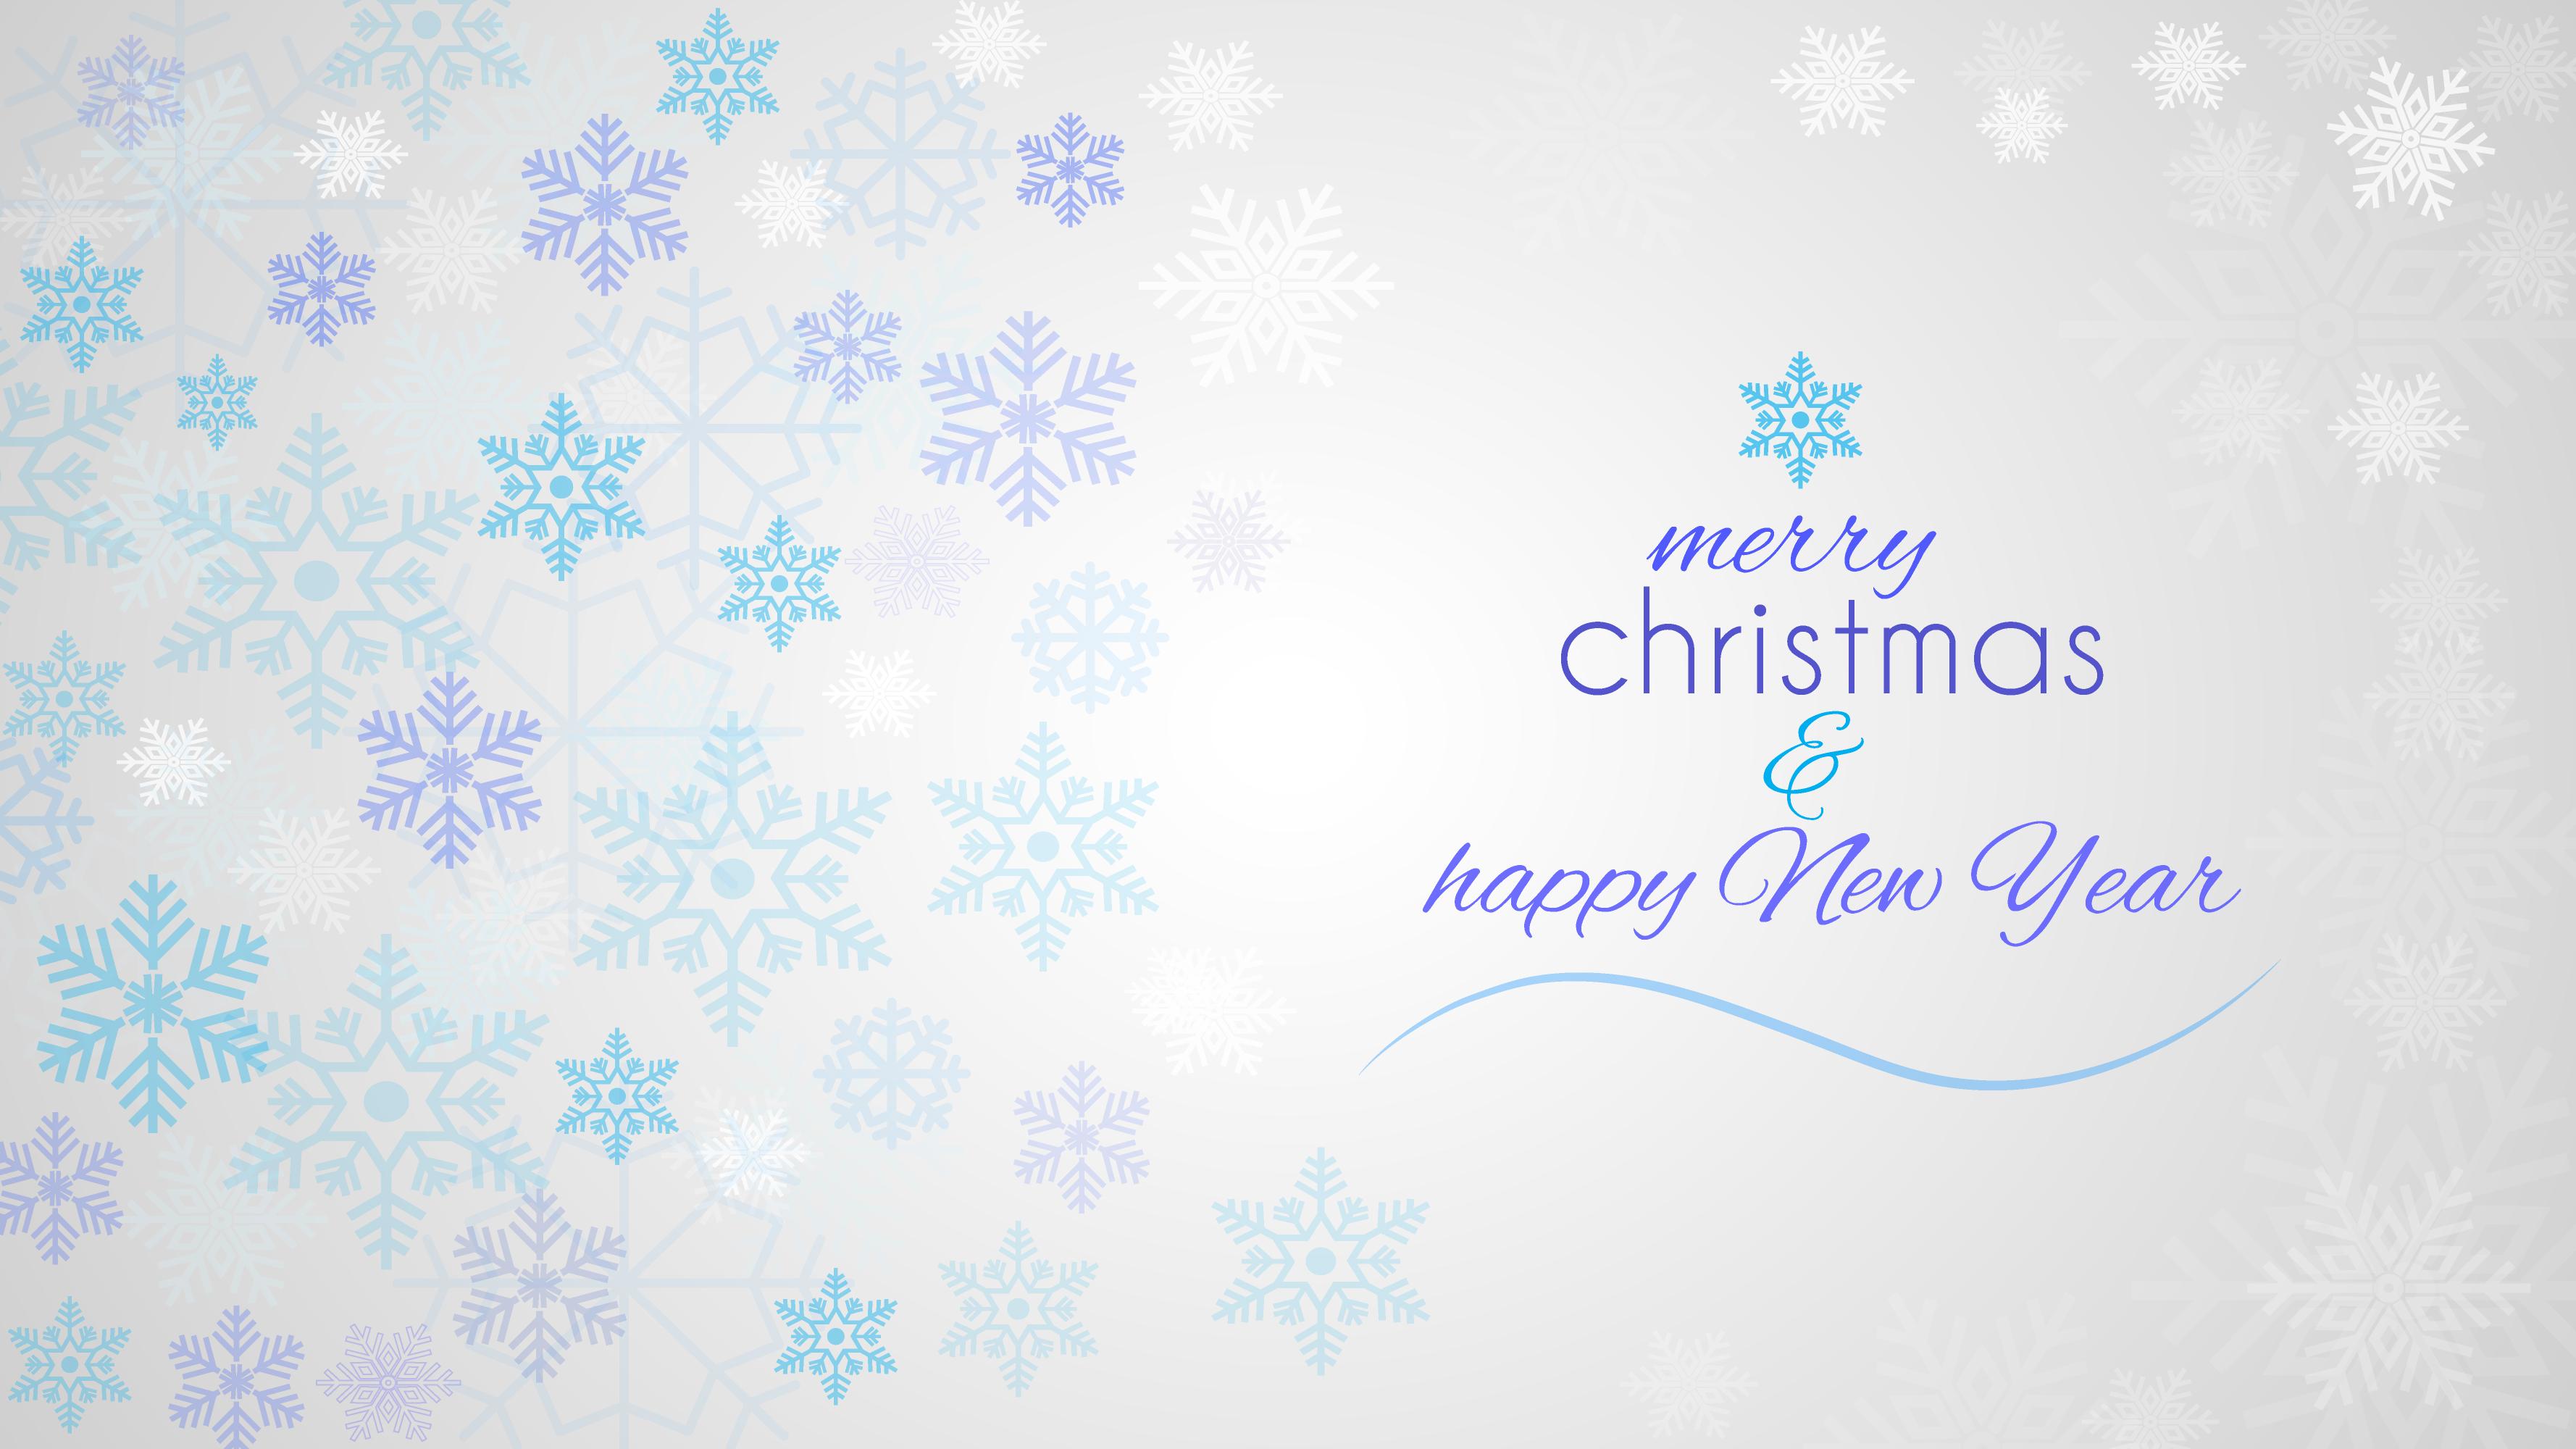 Kostenlose foto : Weihnachten, Star, Hintergrund, blau, Weiß ...